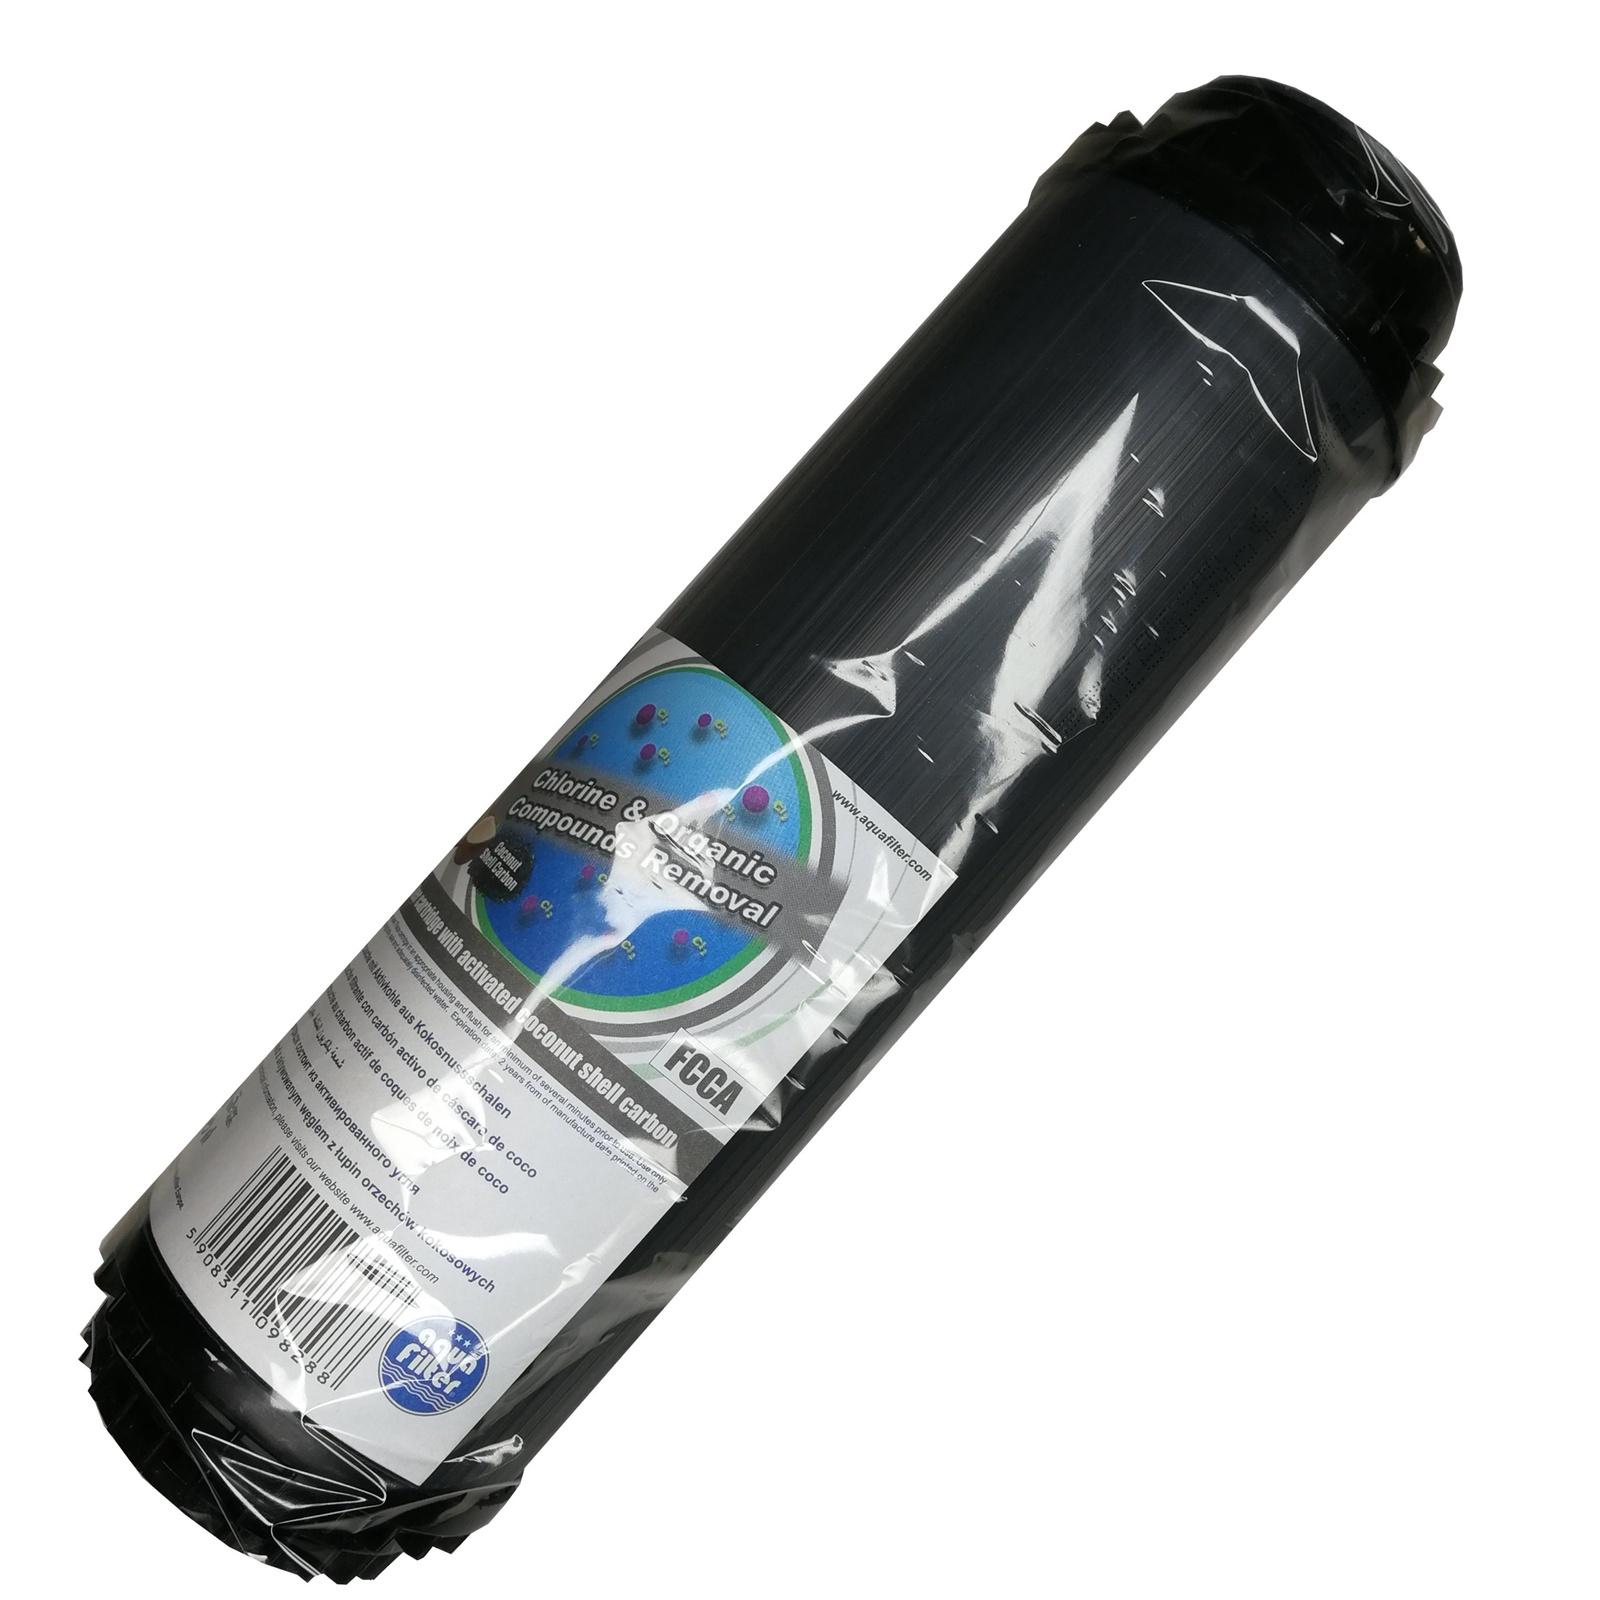 Картридж угольный 10SL (гранулированный кокосовый уголь, гранулы полипропиленового волокна) Aquafilter FCCA, 656